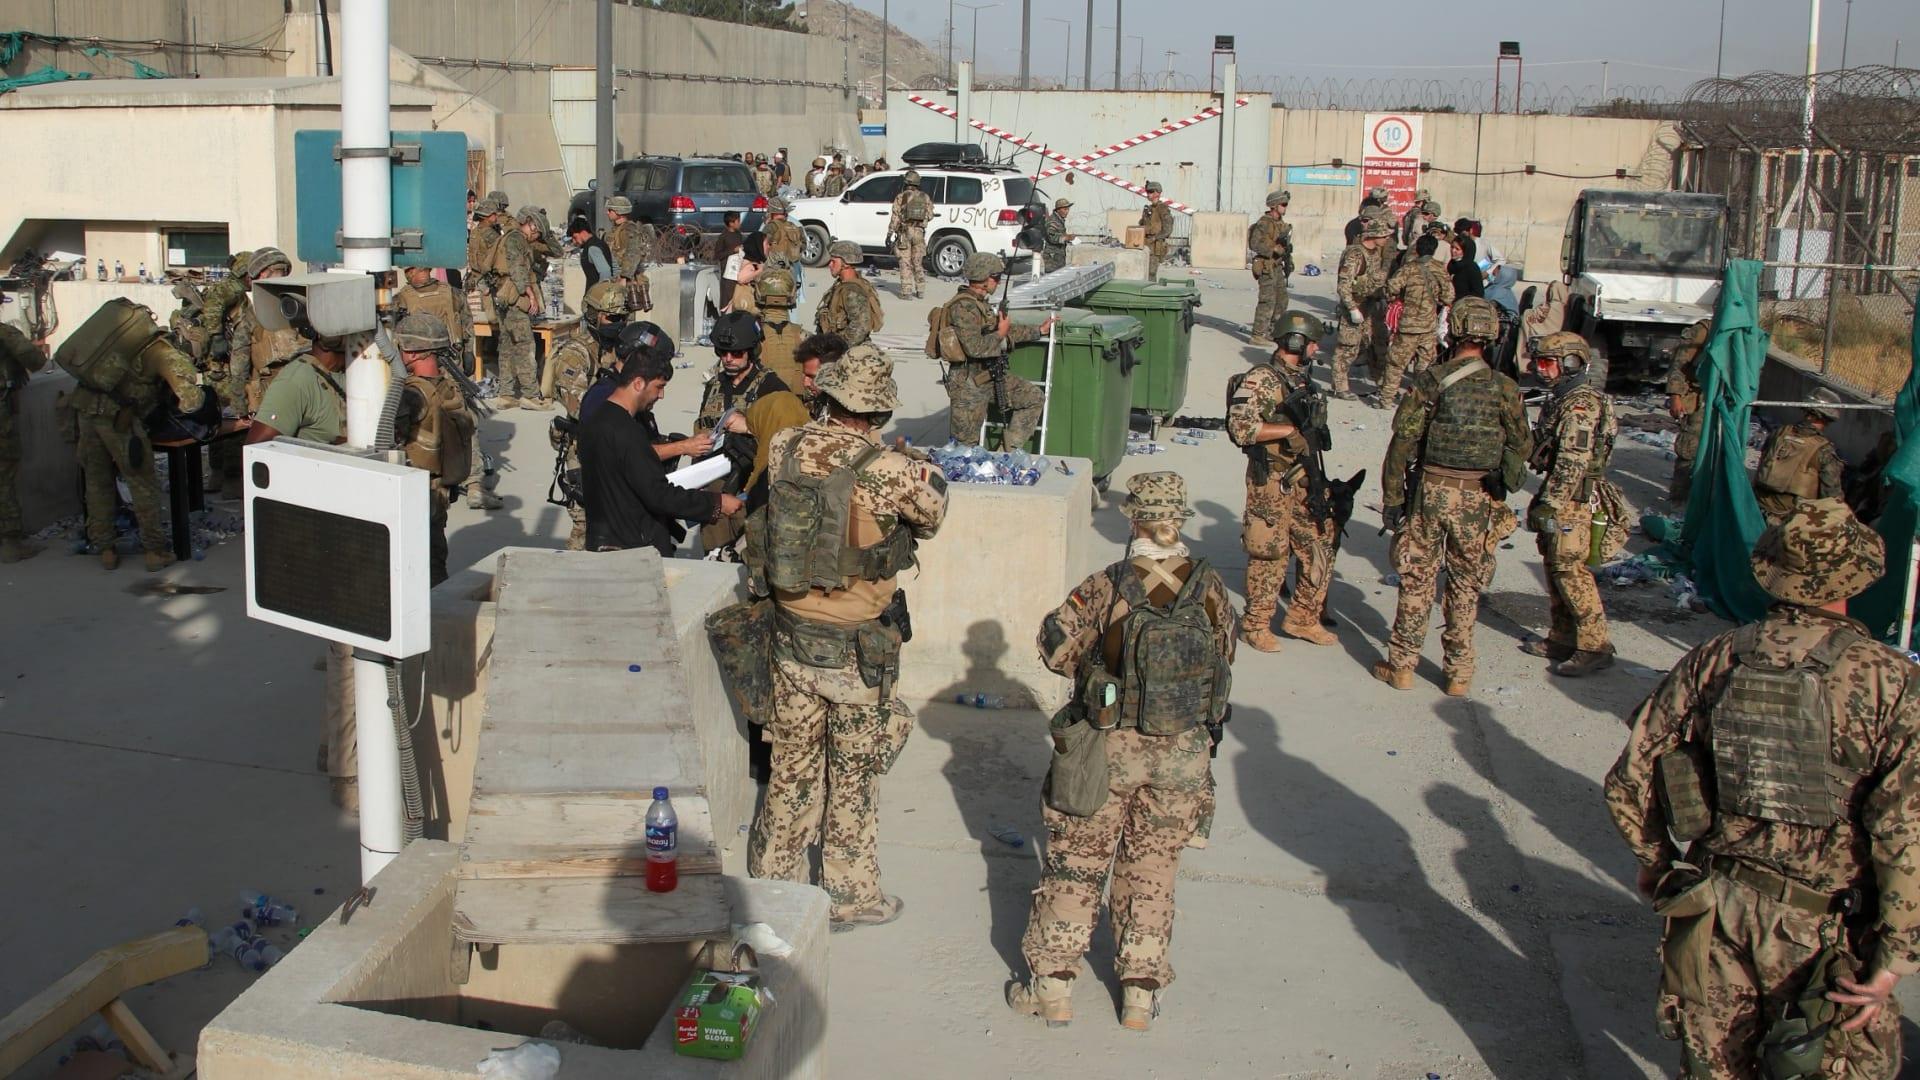 نحو 20 ألف شخص حول وداخل مطار كابول.. هل سيتمكن الجميع من المغادرة؟